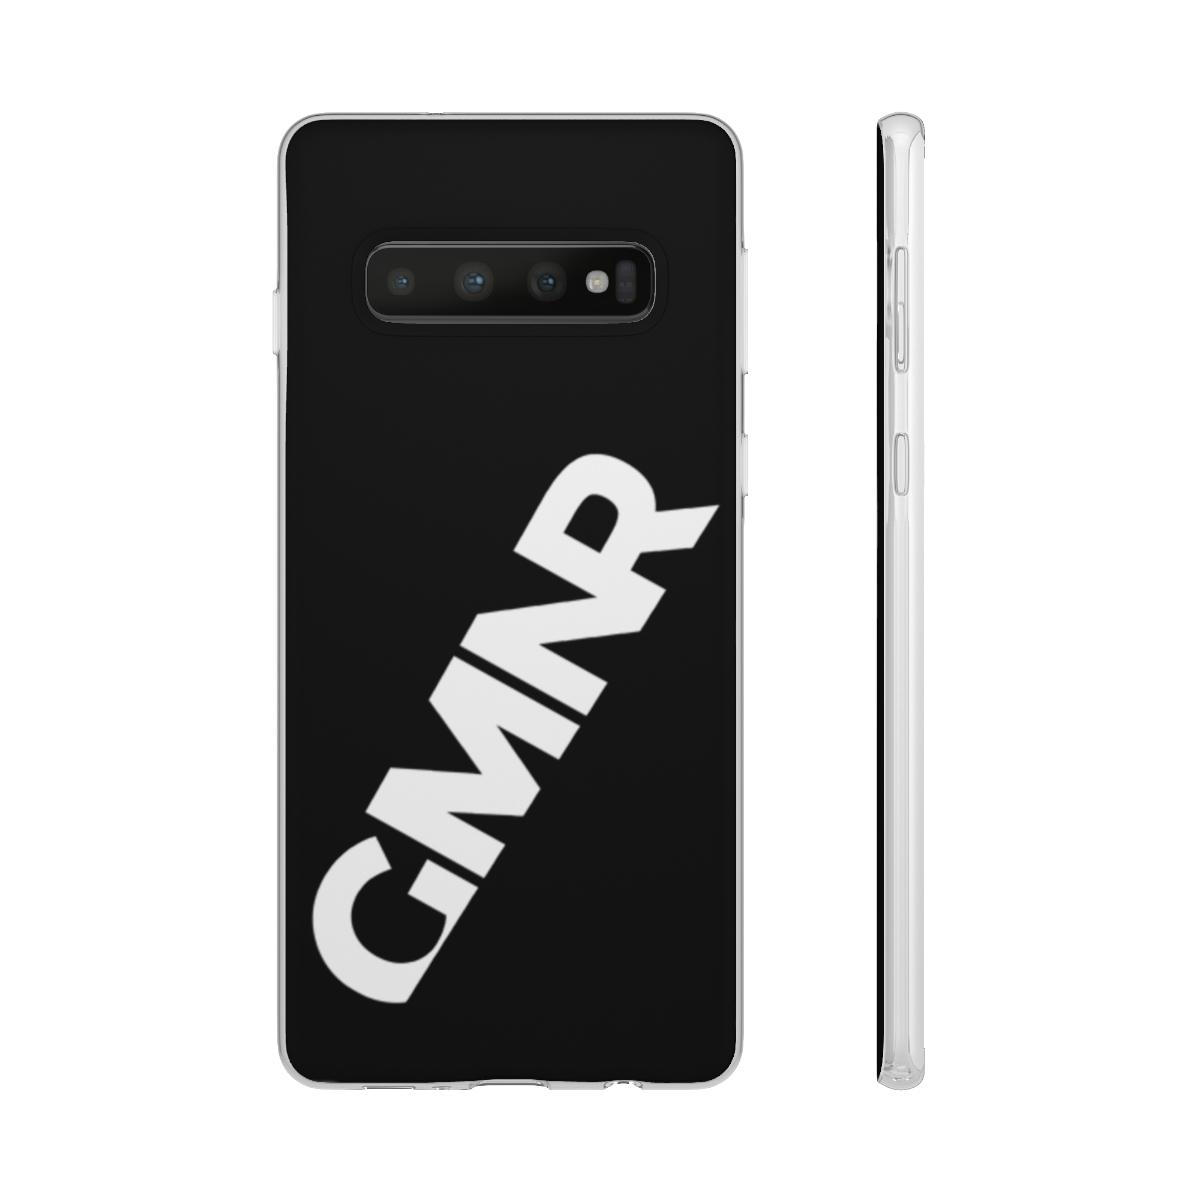 GMNR Phone Case - Black